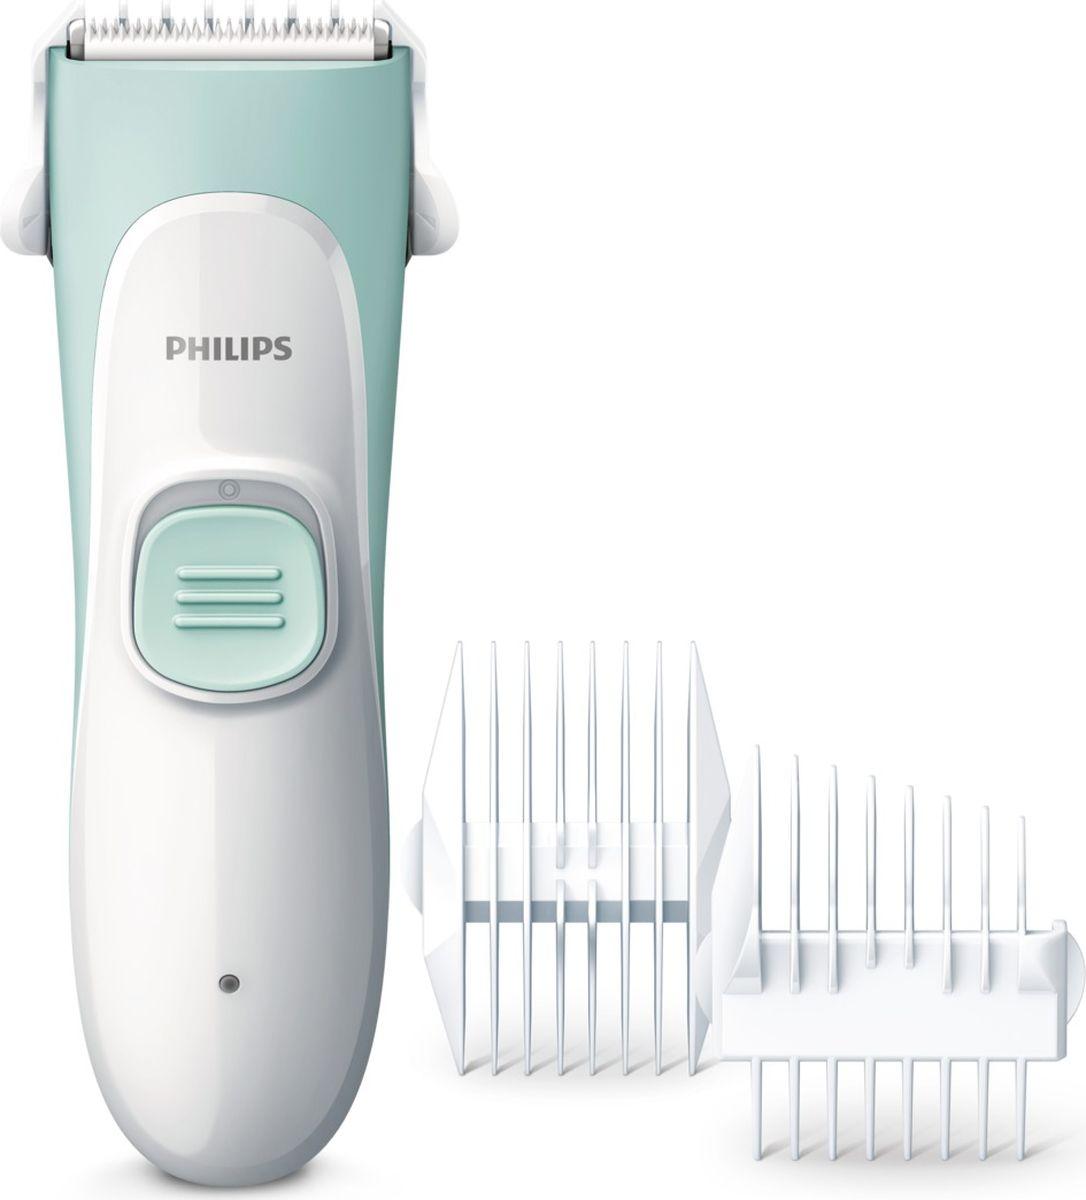 Philips HC1066/15 детская машинка для стрижки волосHC1066/15Благодаря бесшумному мотору, специальным лезвиям с закругленными кончиками, множеству гребней и водонепроницаемой конструкции детская машинка для стрижки волос Philips HC1066/15 позволяет создать безупречную стрижку ребенку в комфортной домашней обстановке.Маркировка IPX 7 означает, что корпус машинки водонепроницаем. После использования ее можно легко и безопасно мыть в воде.Безопасная система лезвий с укороченными керамическими ножами и закругленными лезвиями легко и бережно захватывает и подстригает мягкие детские волосы, не оставляя царапин на коже.Благодаря невероятно низкому уровню шума во время работы — всего 55 дБ (A) — стрижка не доставит беспокойства ребенку.Благодаря специальным узким лезвиям можно с легкостью подстригать волосы на маленькой детской голове даже в труднодоступных местах вокруг ушей.